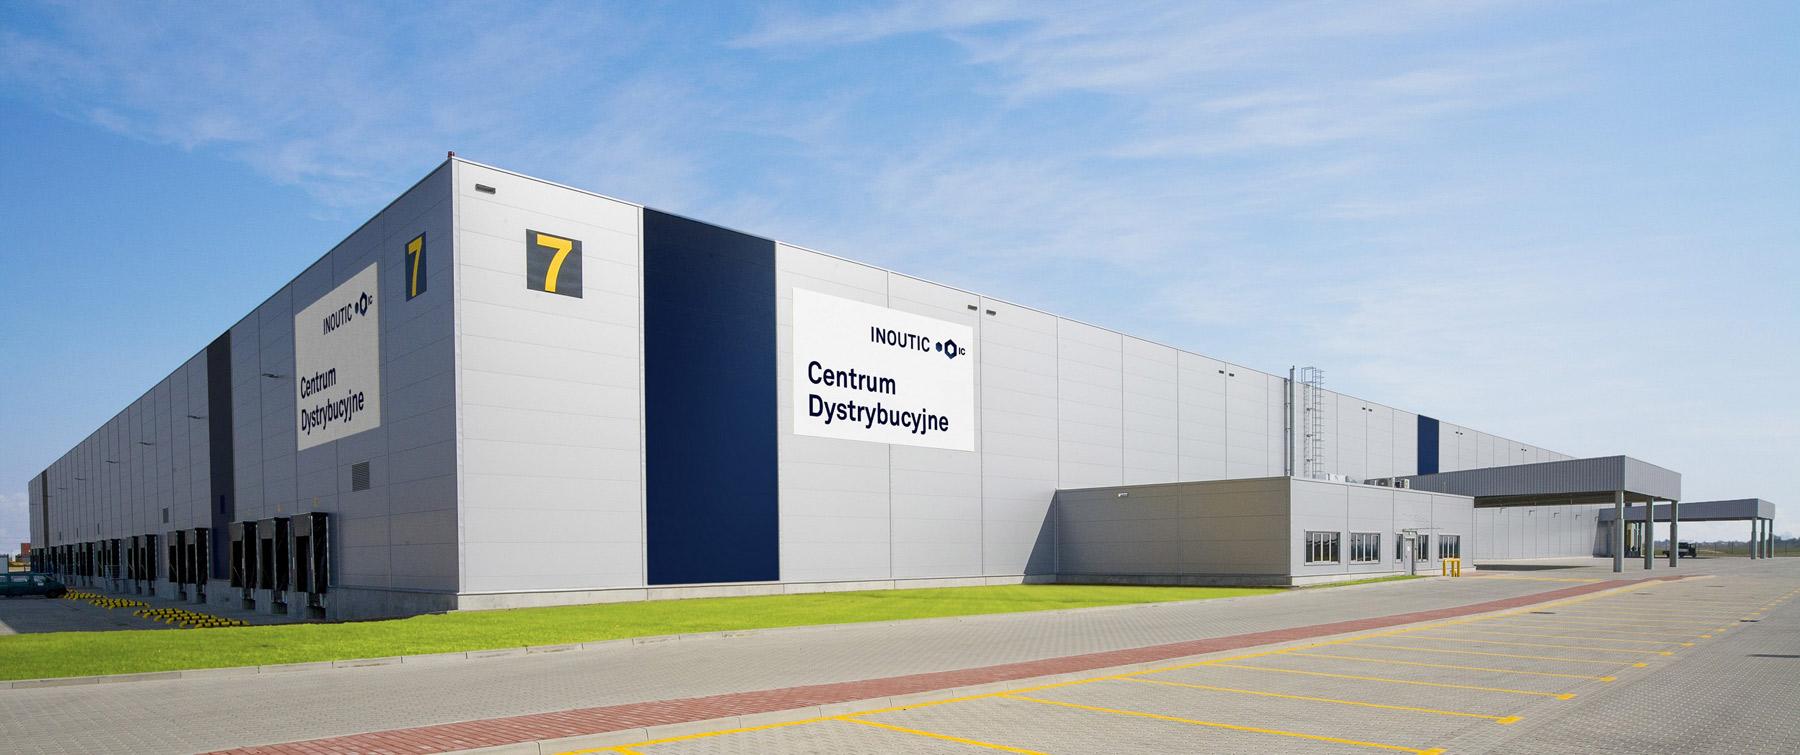 2 Distribucni centrum Inoutic v Poznani